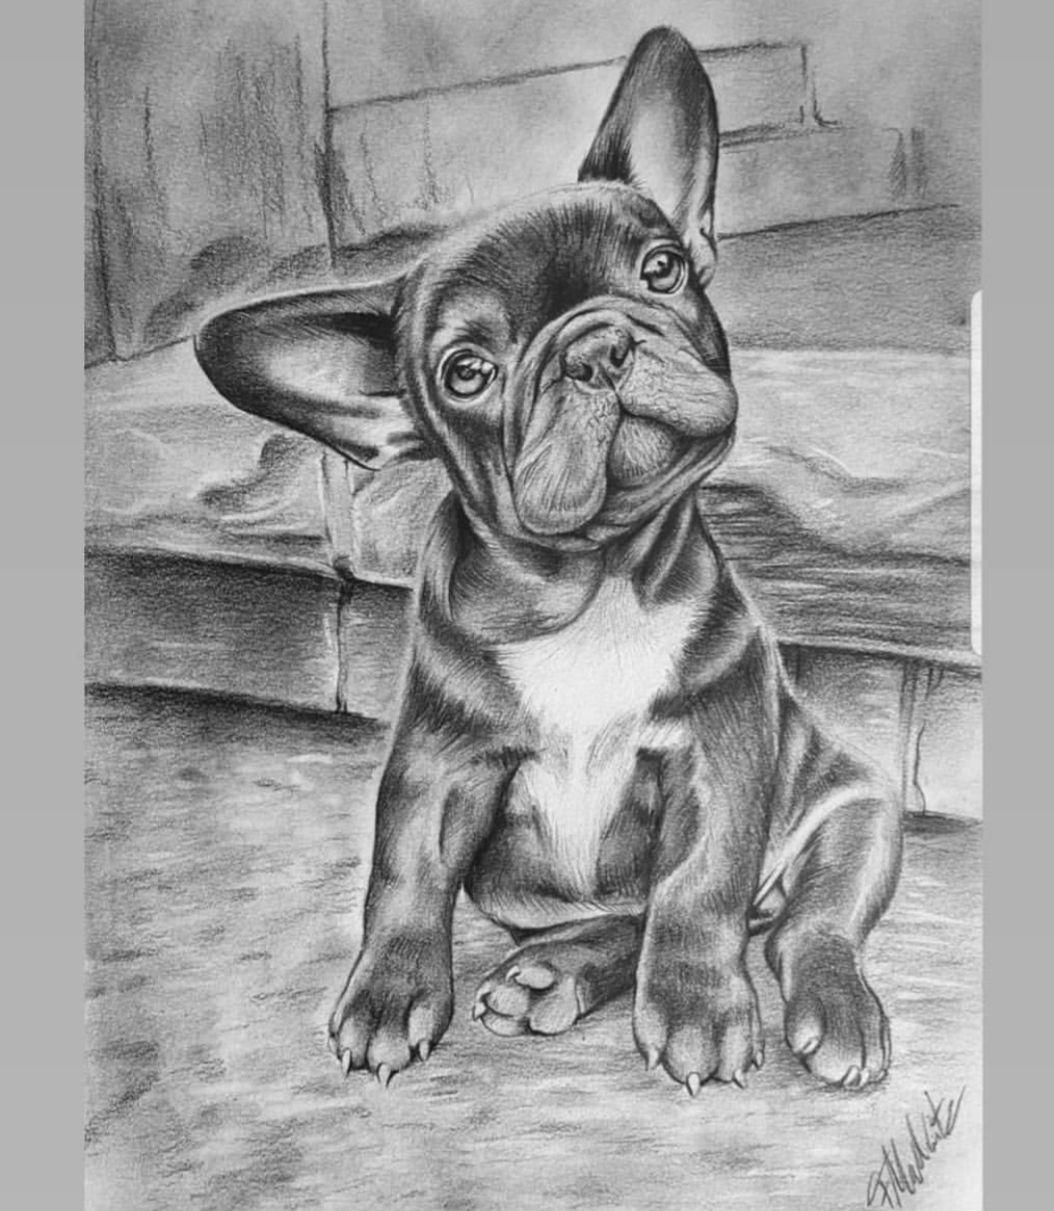 Franzosische Bulldoggen Welpe Art By Icedragon Art Realism Drawing Zeichnung Germanartist Welpe Franzosische Bulldoggen Kunst Zeichnungen Katze Zeichnen